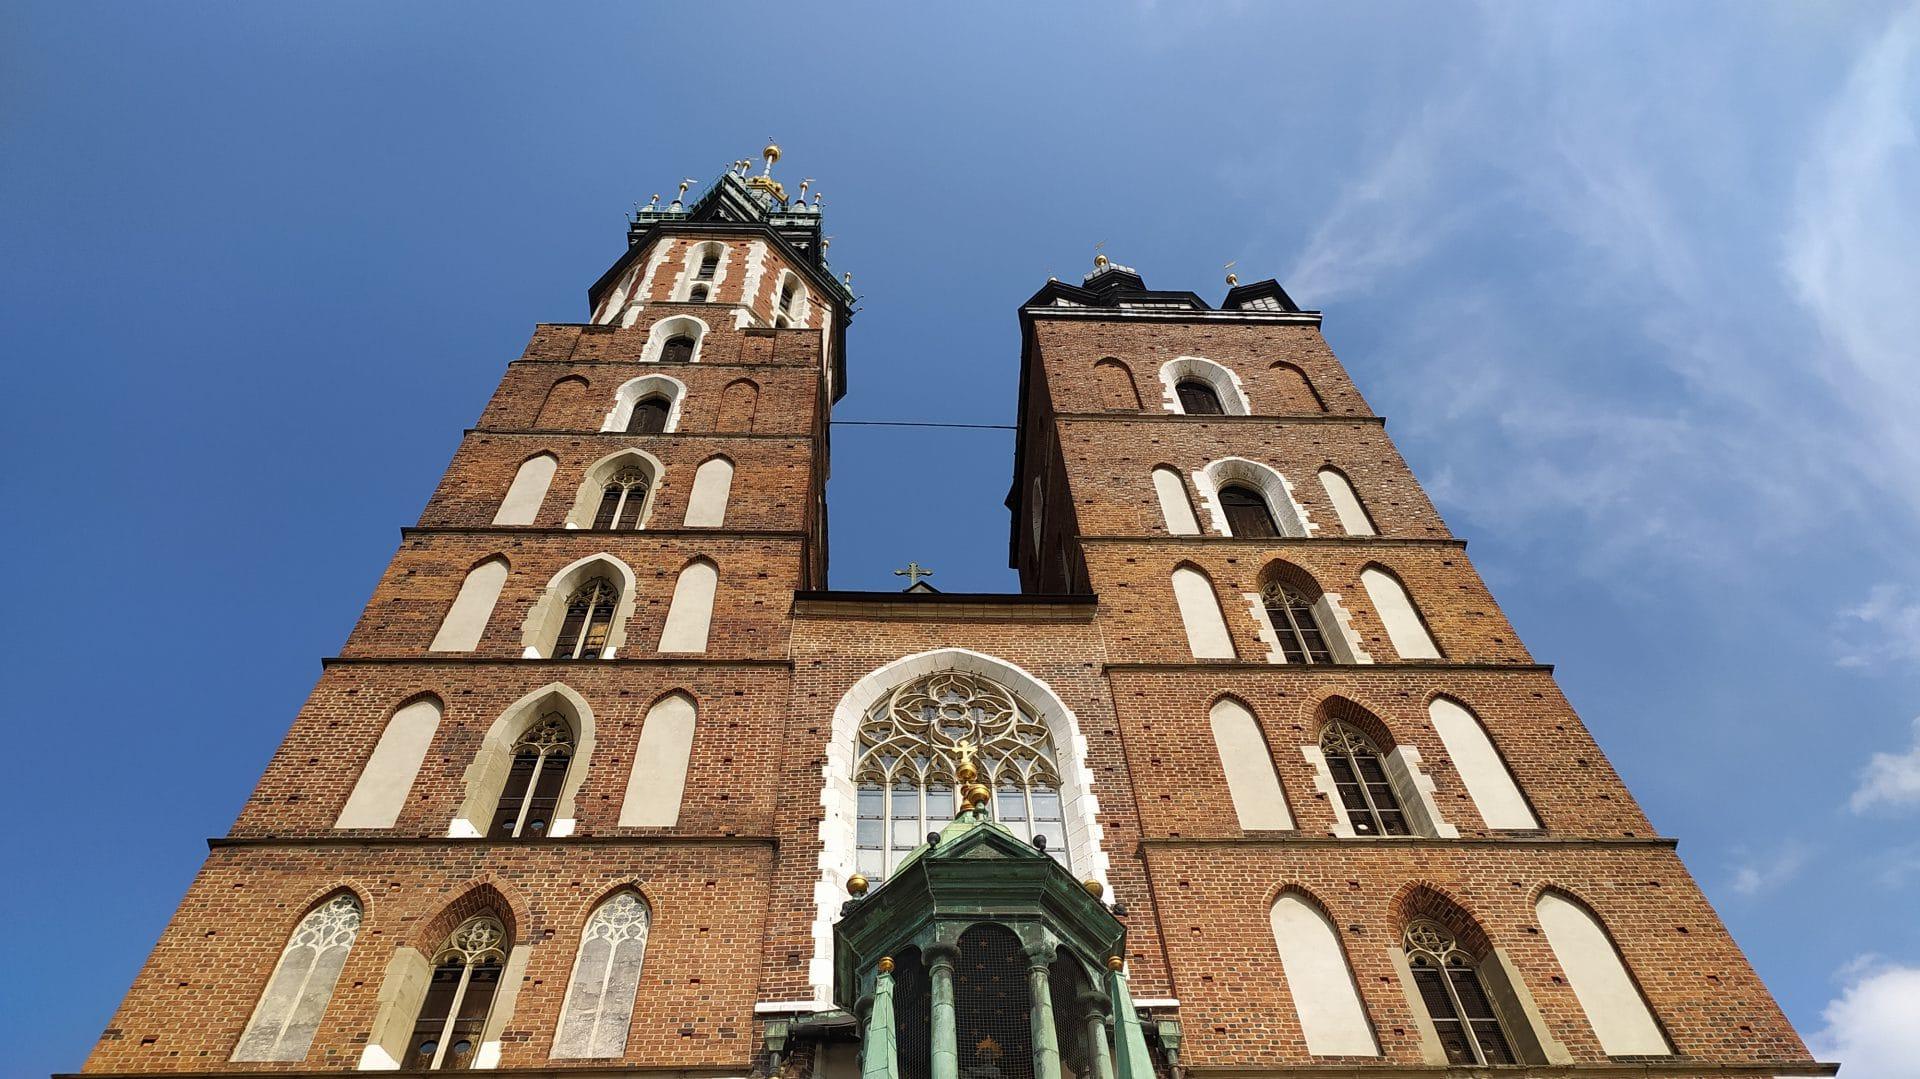 Co warto zobaczyć w Krakowie? Kościół Mariacki.